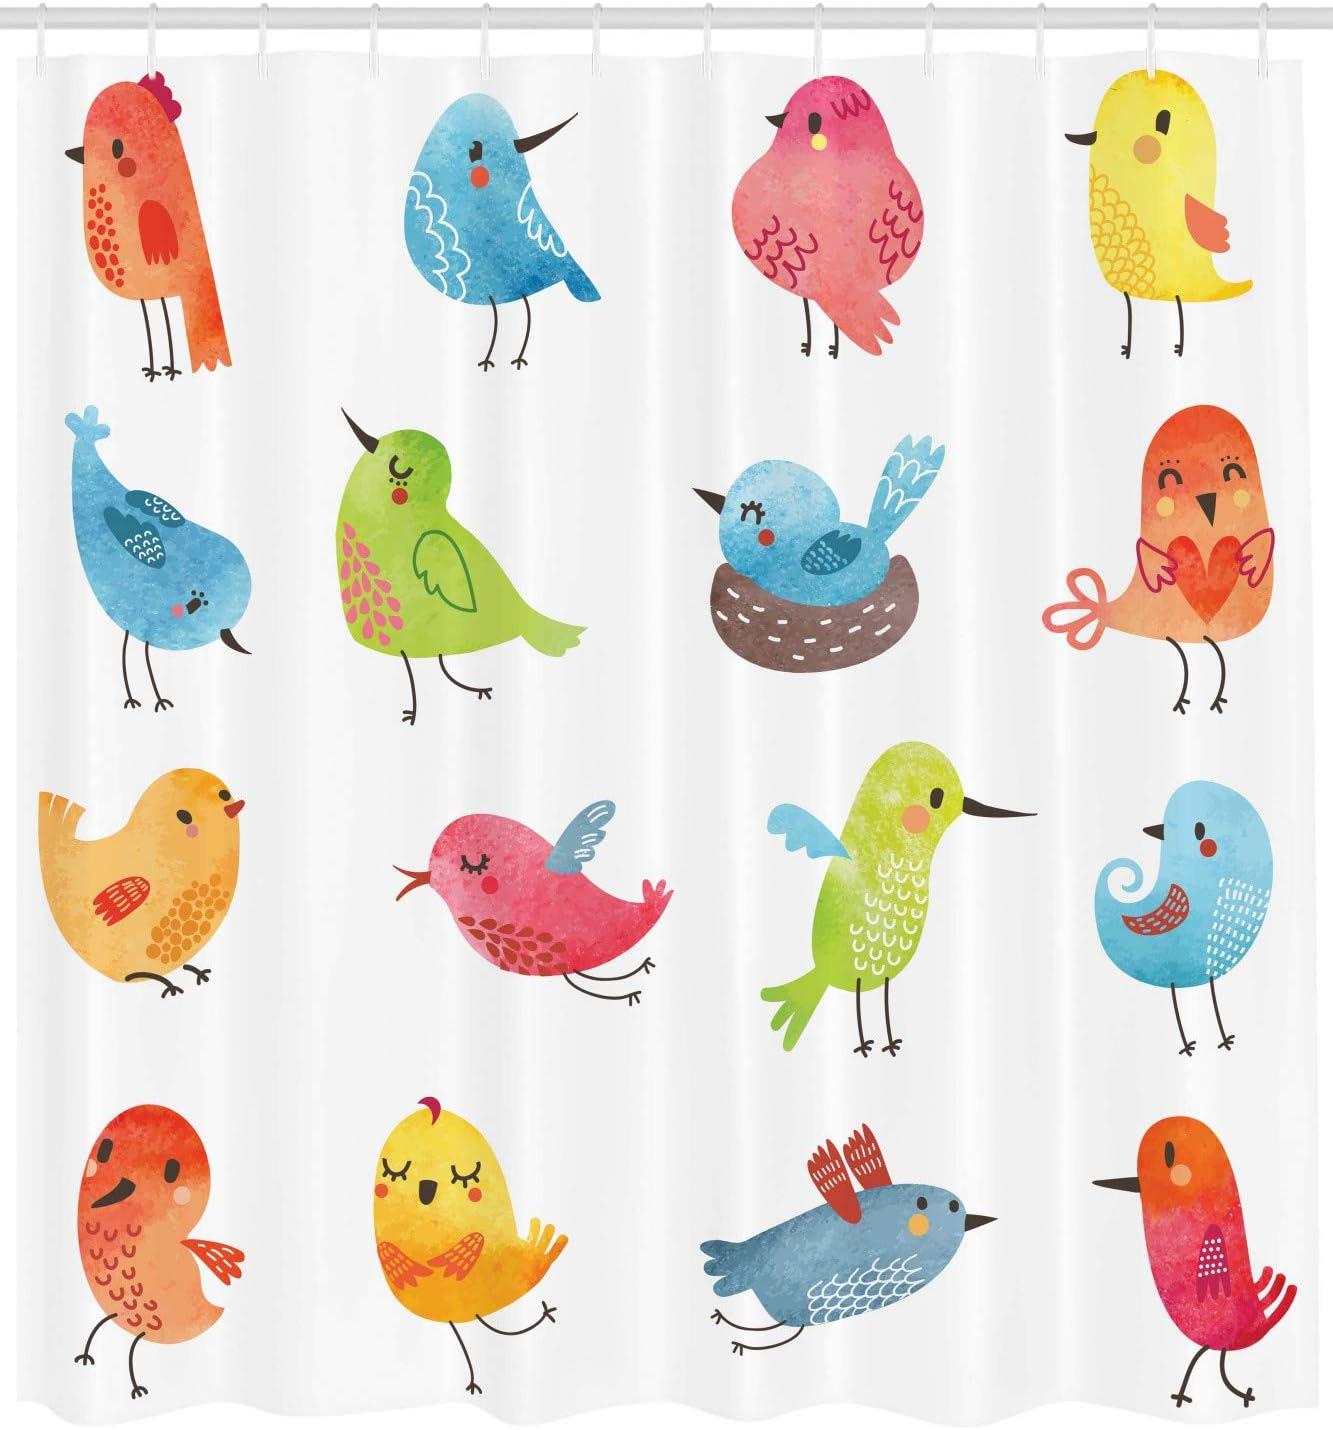 175 x 200 cm Tissu r/ésistant /à leau Multicolor Color/é Mignon Oiseaux Aquarelle Effet Humour Mascottes Dr/ôles Pinceau Art Design ABAKUHAUS Animal Rideau de Douche